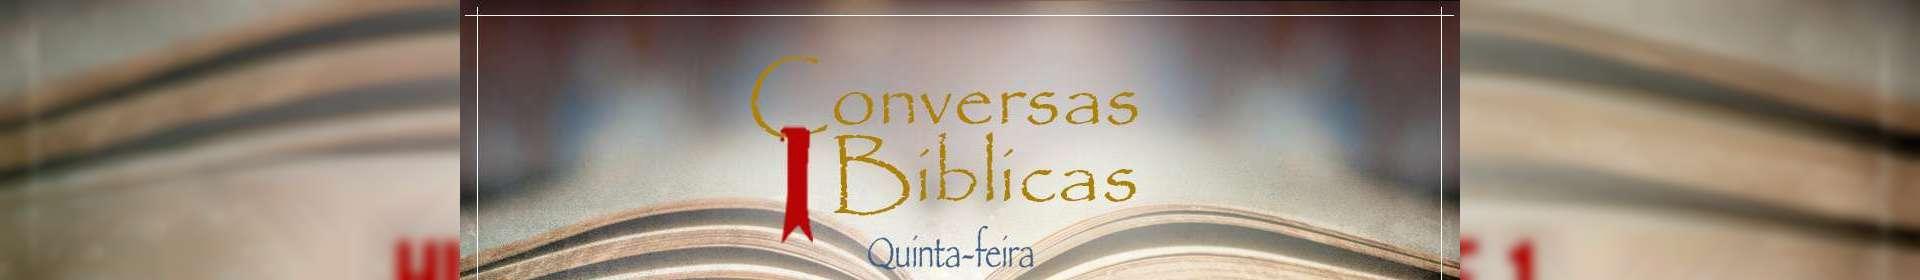 Conversas Bíblicas: Histórico da Doutrina - Parte 1